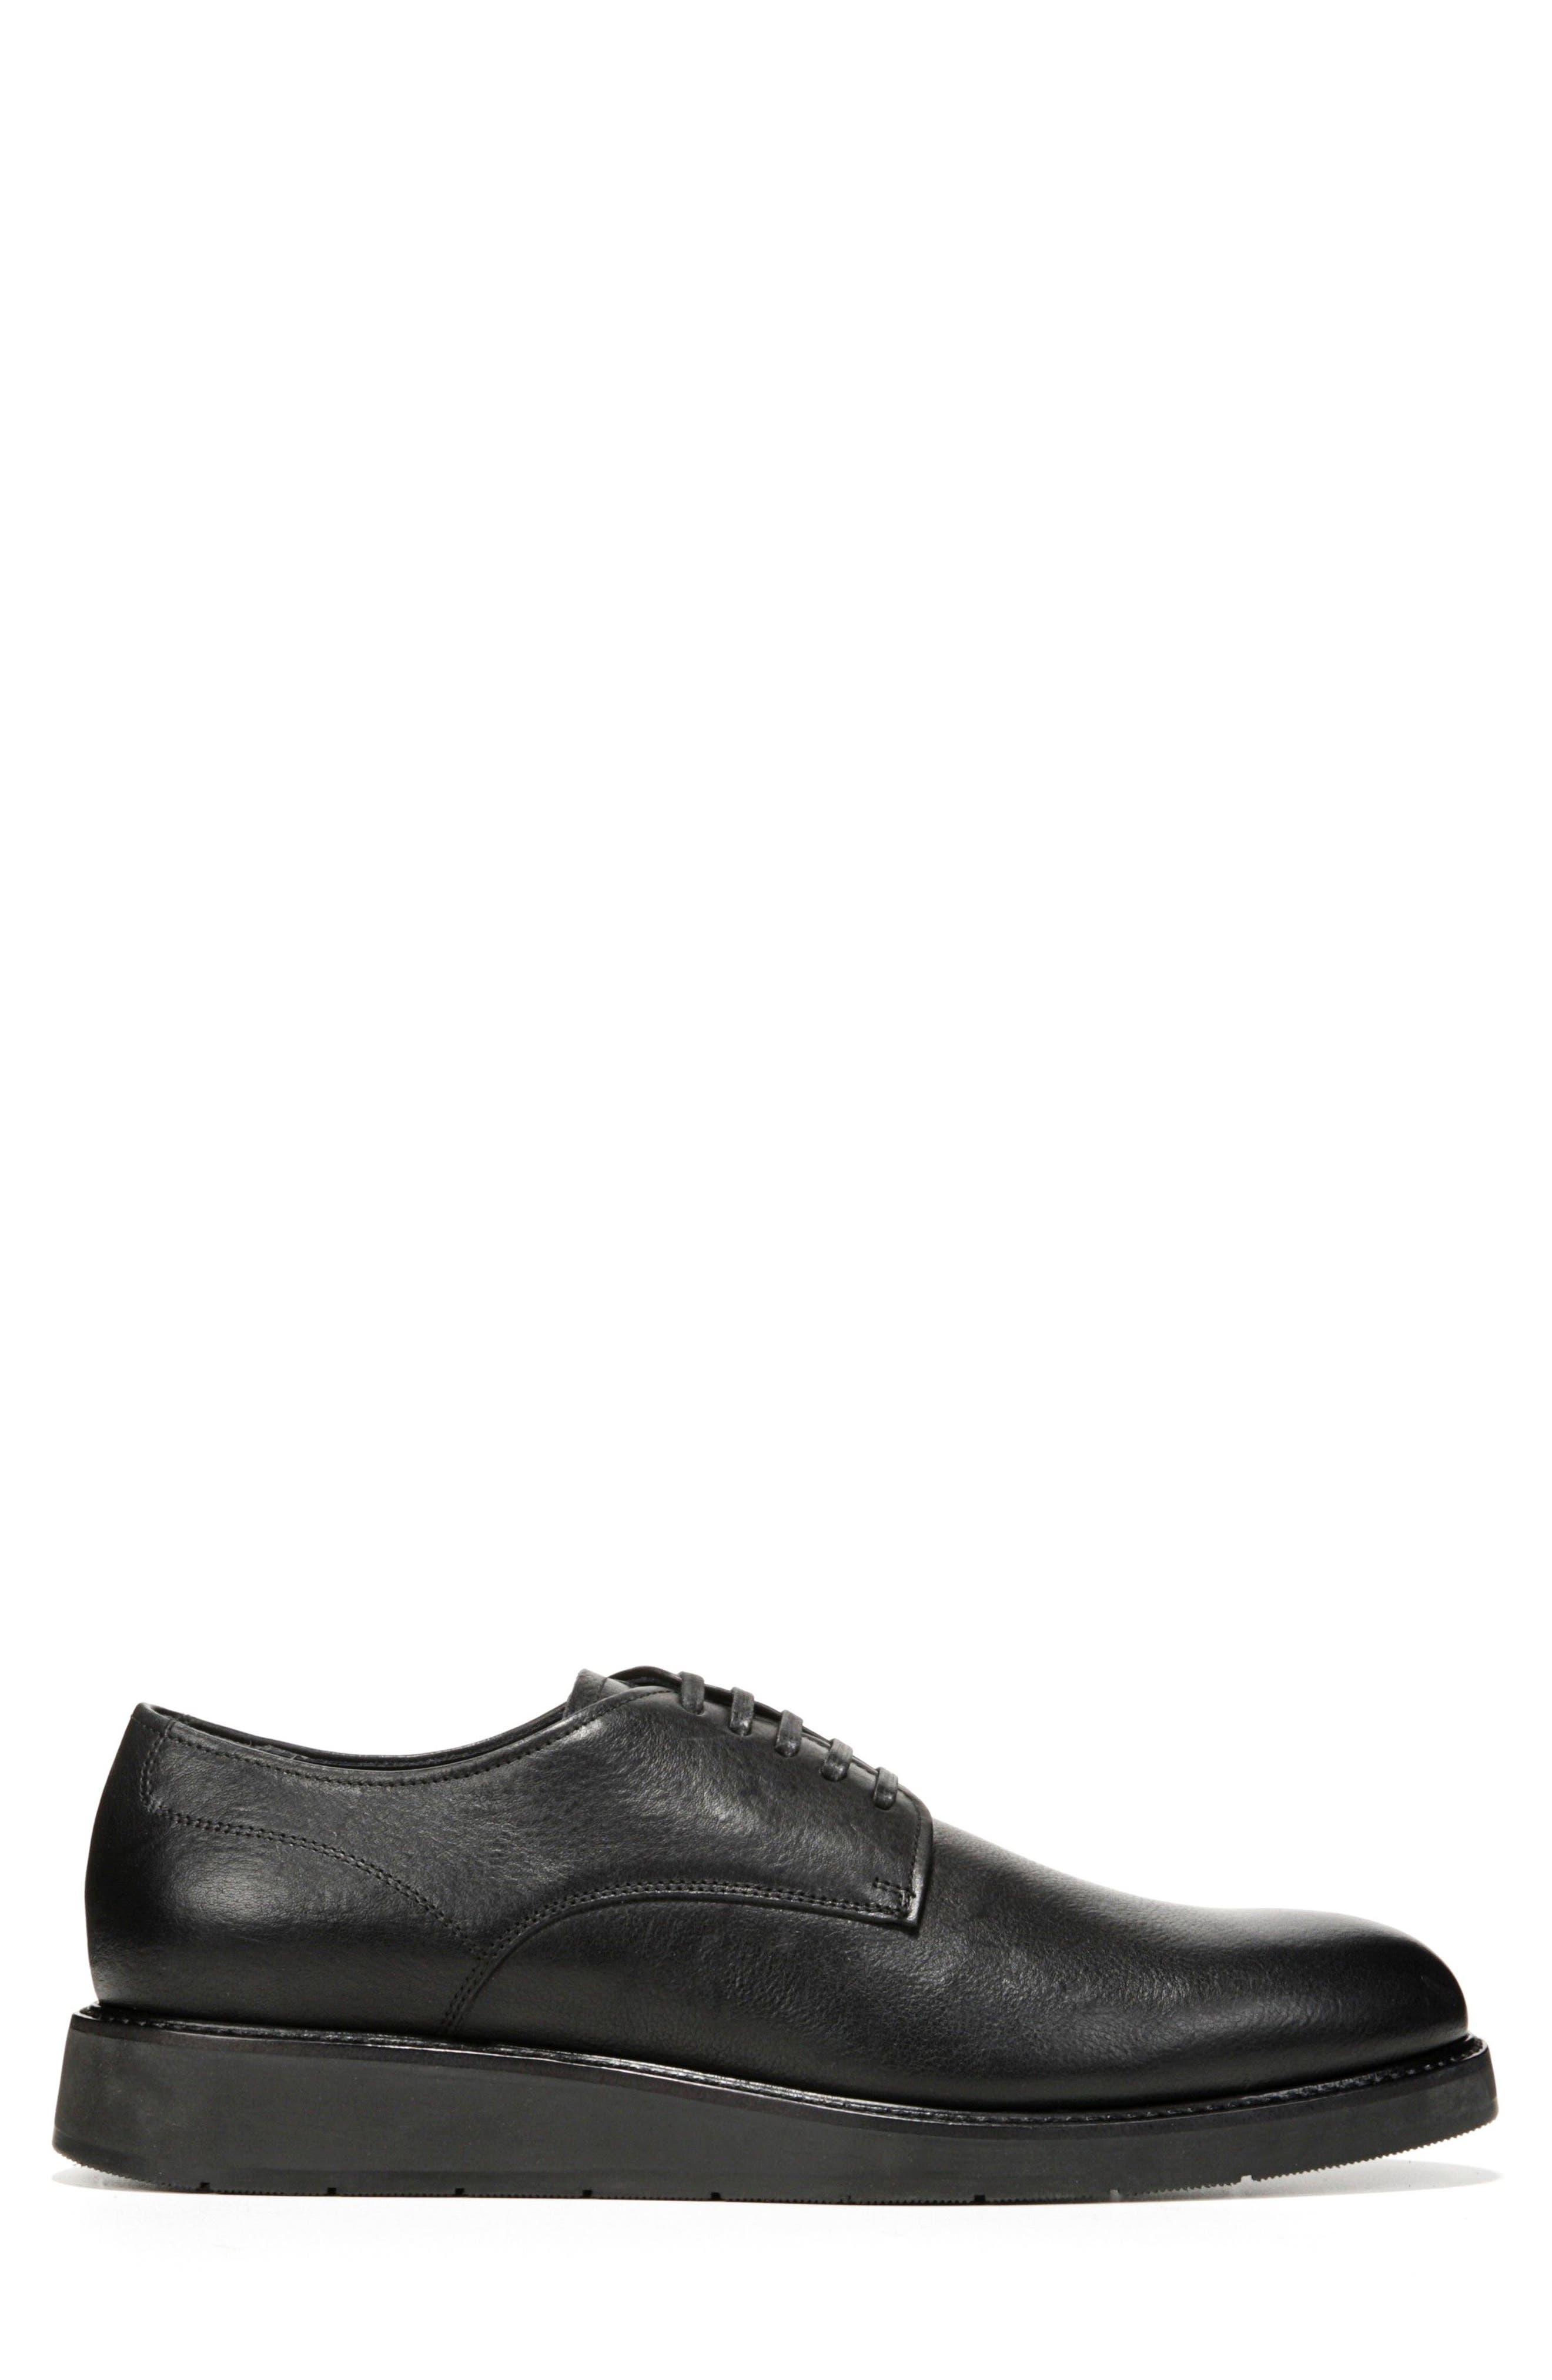 Proctor Plain Toe Derby,                             Alternate thumbnail 3, color,                             001